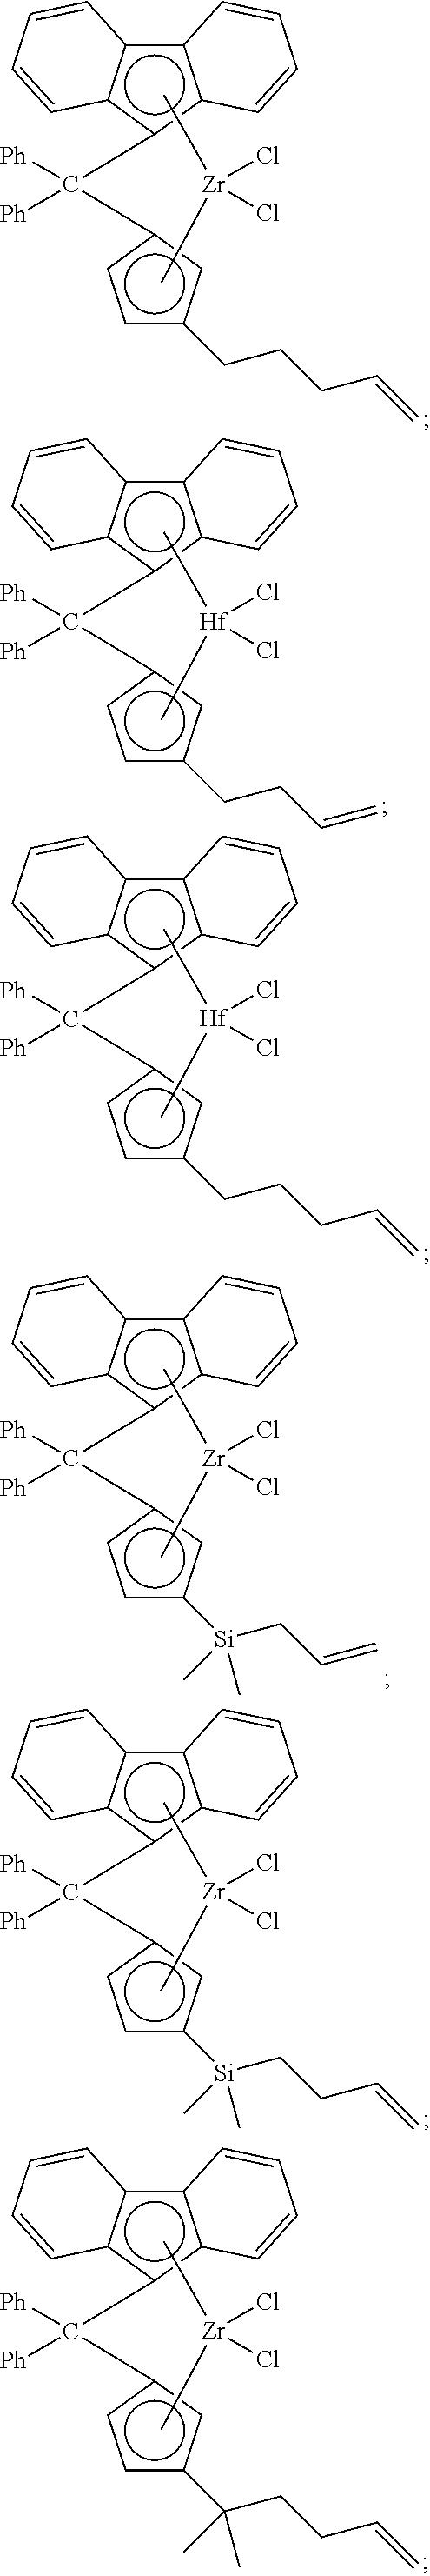 Figure US08288487-20121016-C00024